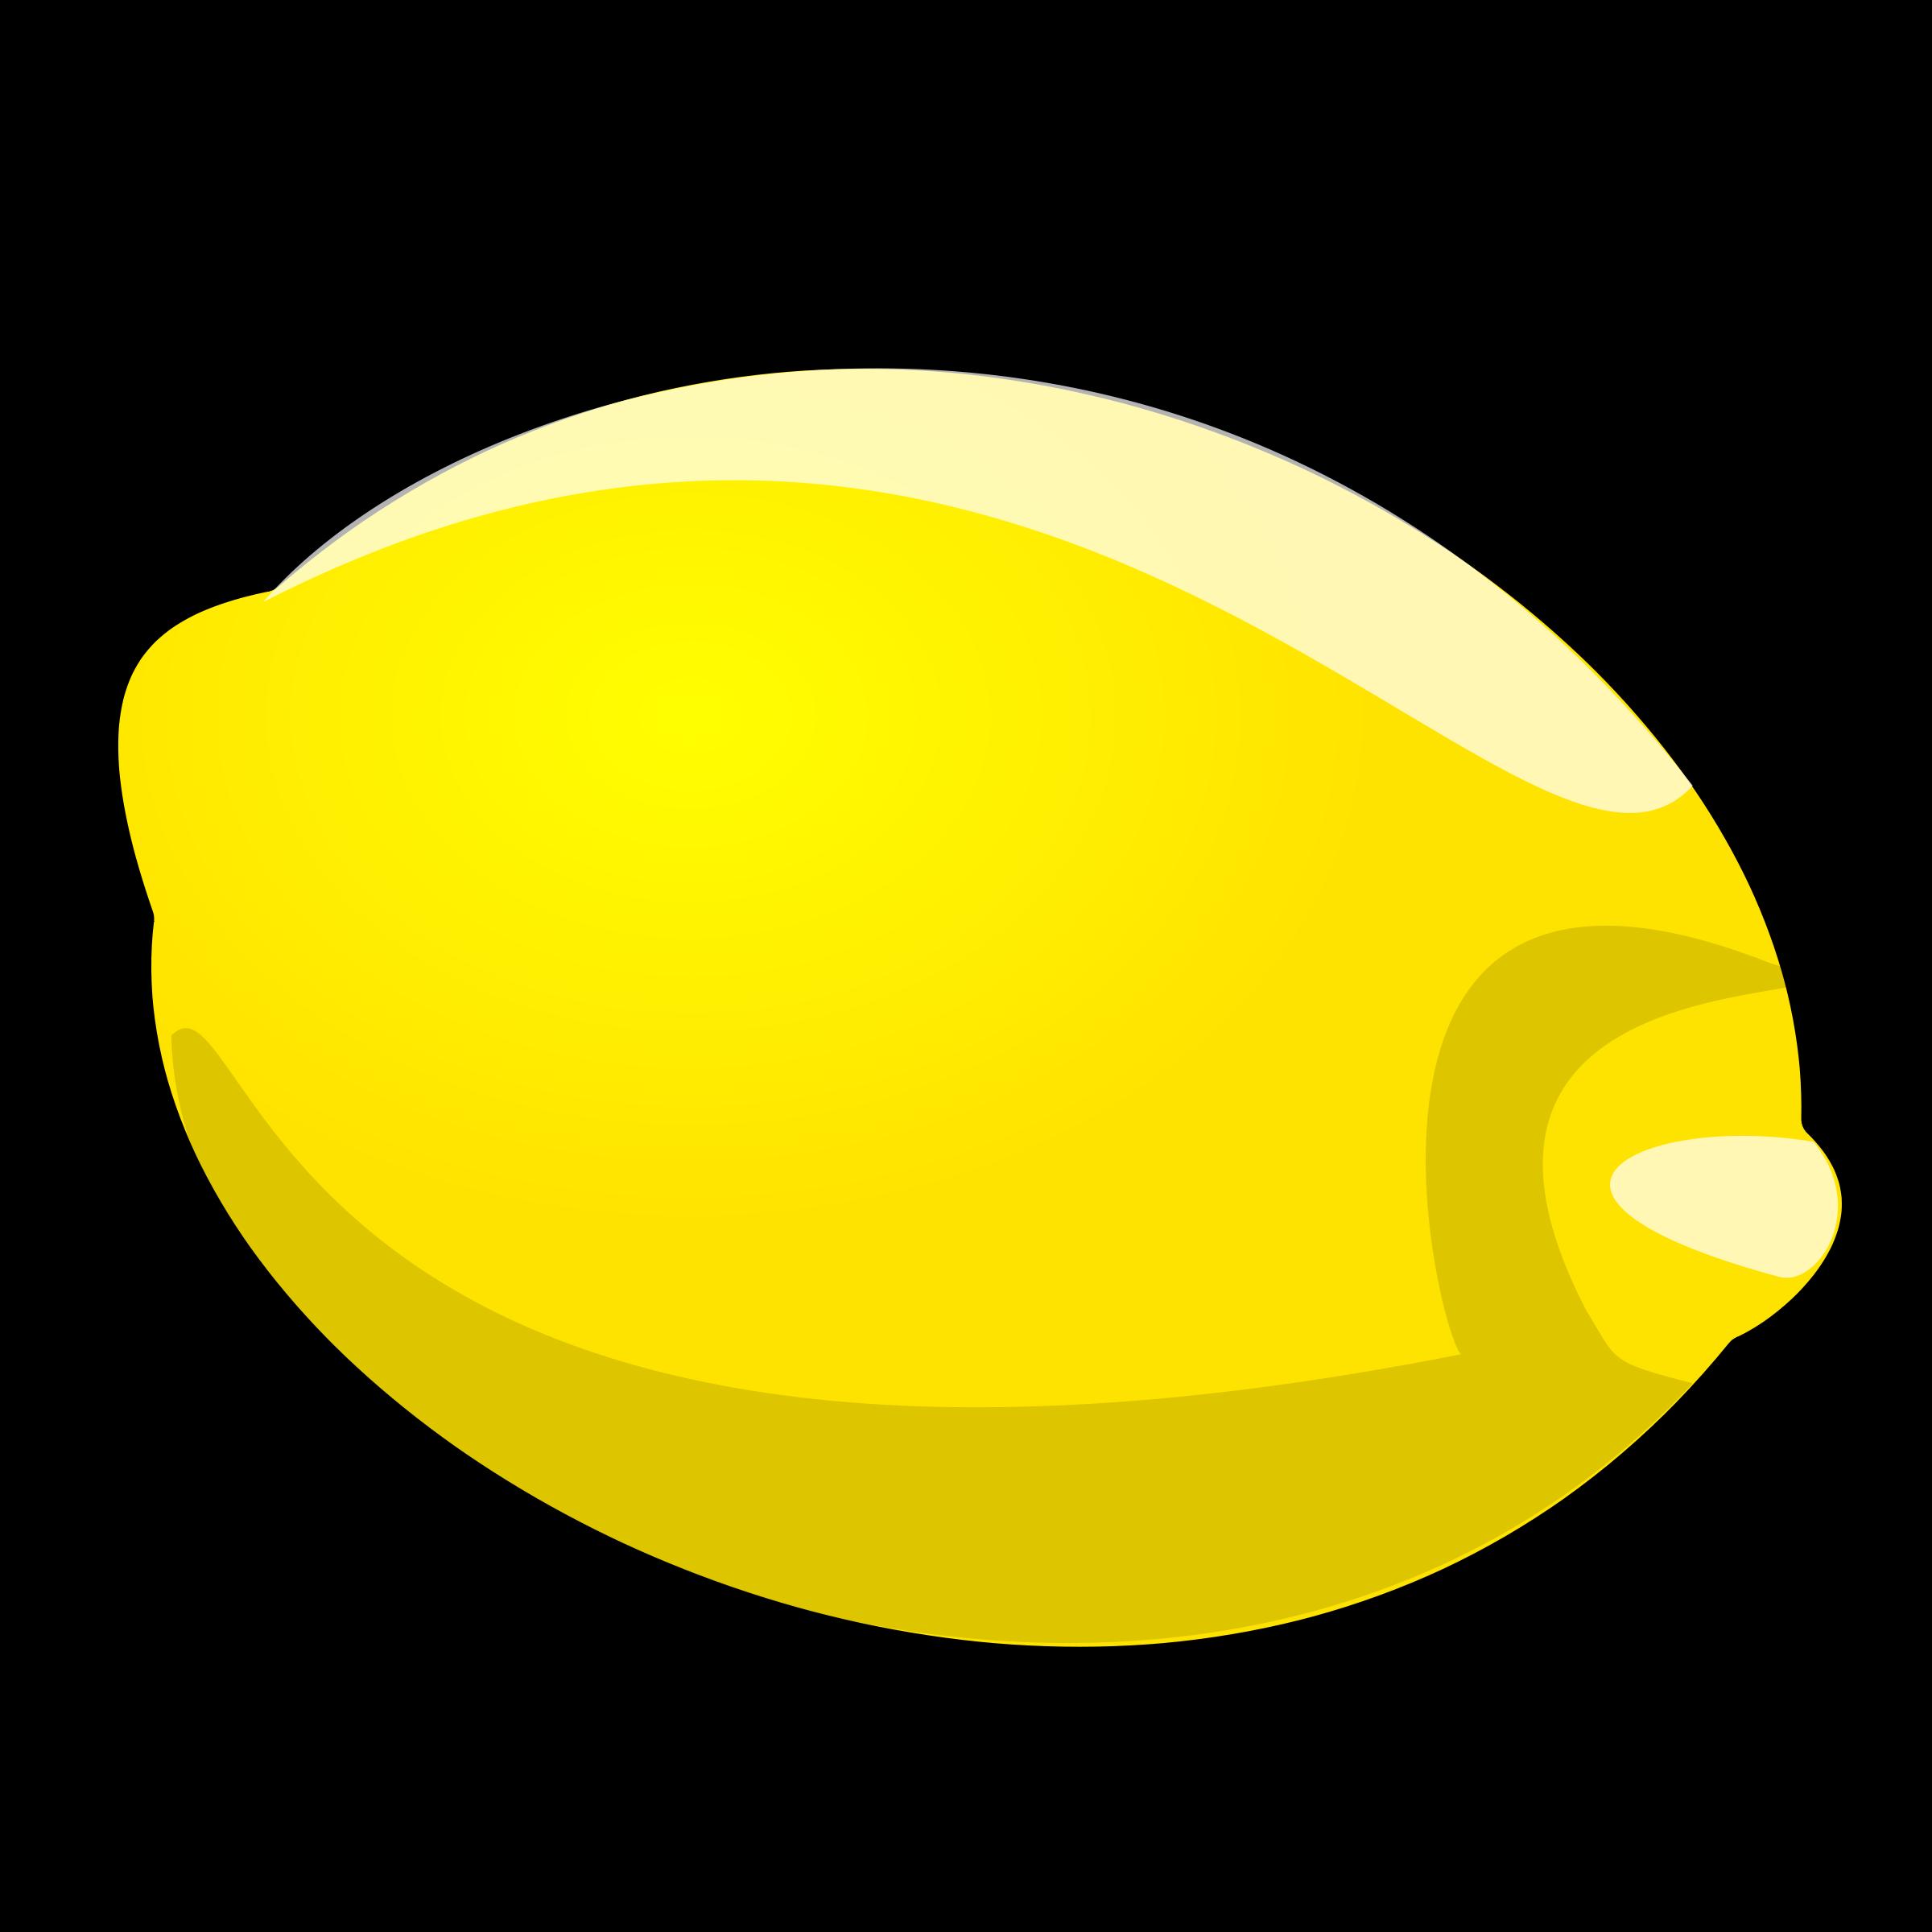 Lemon Clip Art-Lemon Clip Art-2